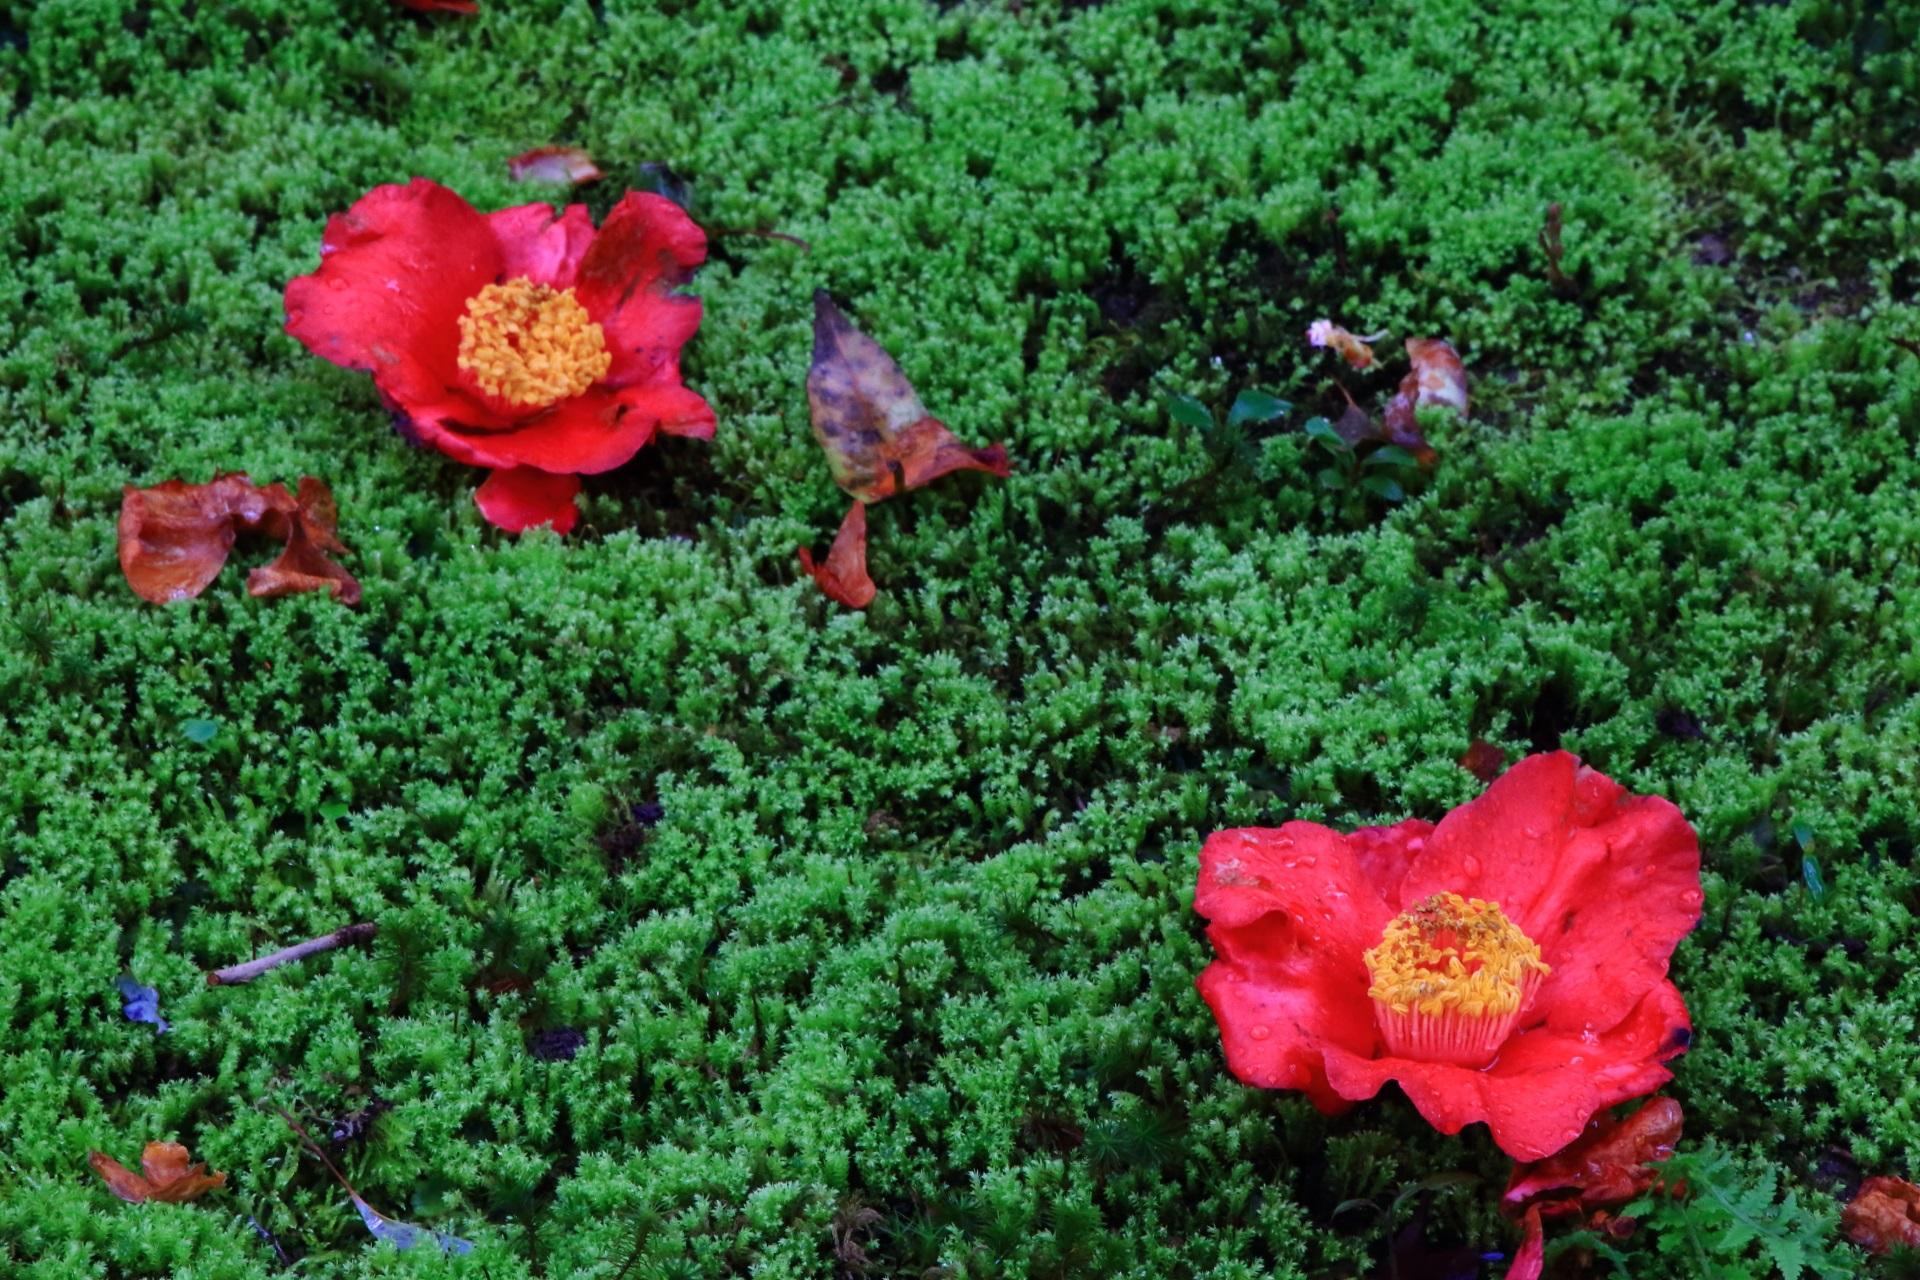 緑の苔の上で咲いているような赤い椿の花